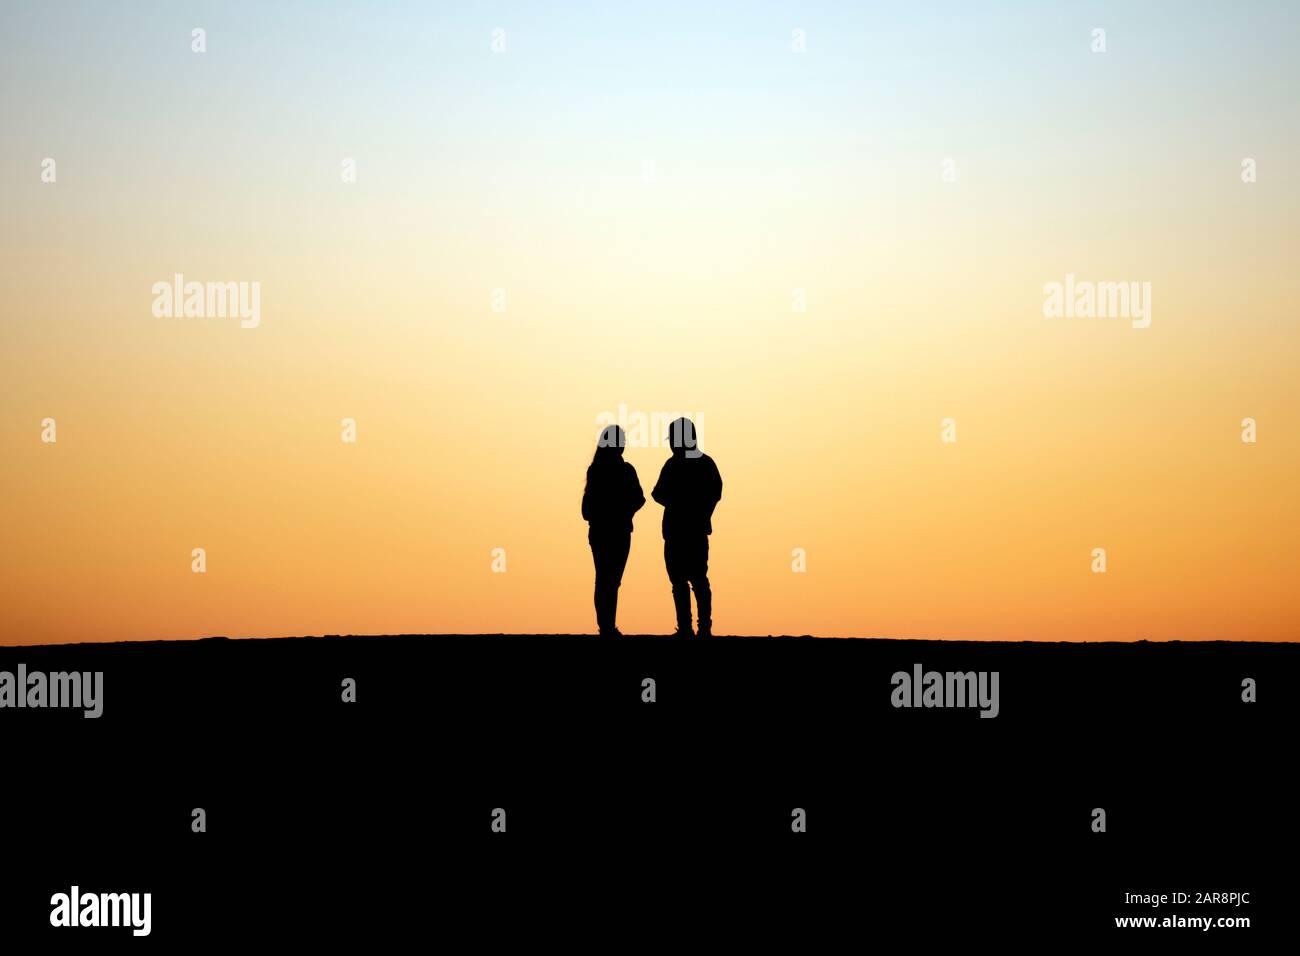 Dos personas siluetas contra el cielo crepuscular se encuentran juntas lado a lado Foto de stock